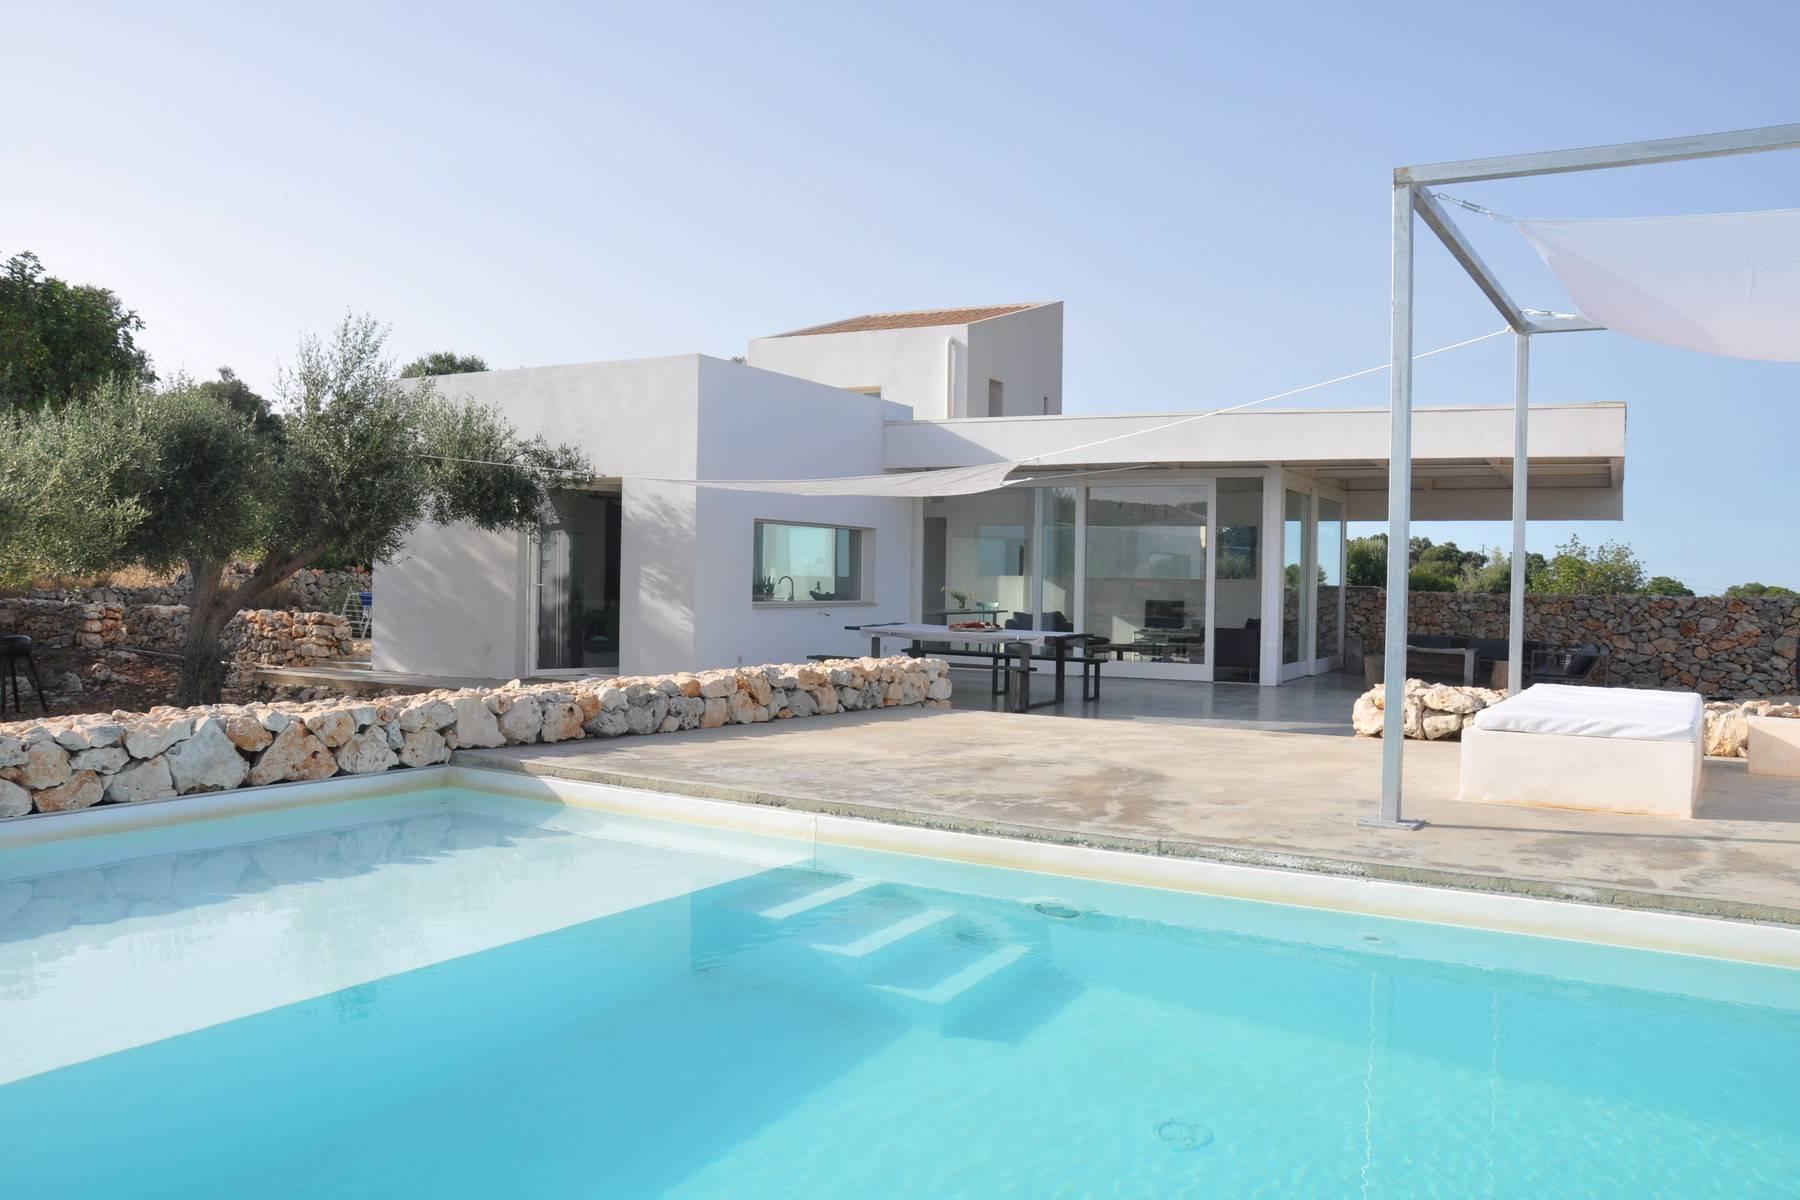 Villa in Vendita a Noto: 5 locali, 145 mq - Foto 2